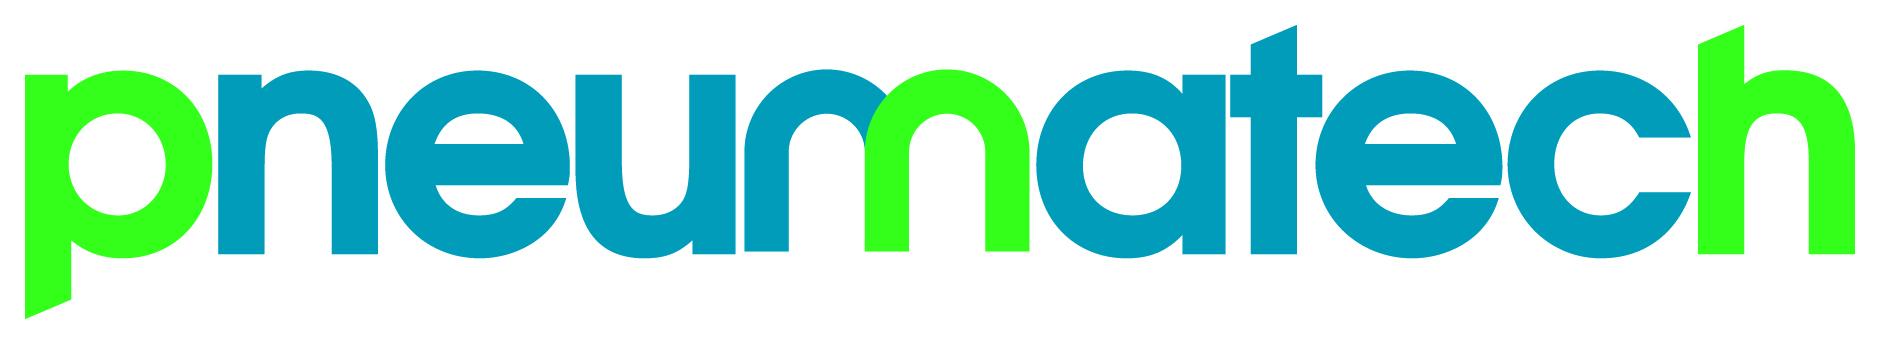 logo_pneumatech_notag_color.jpg